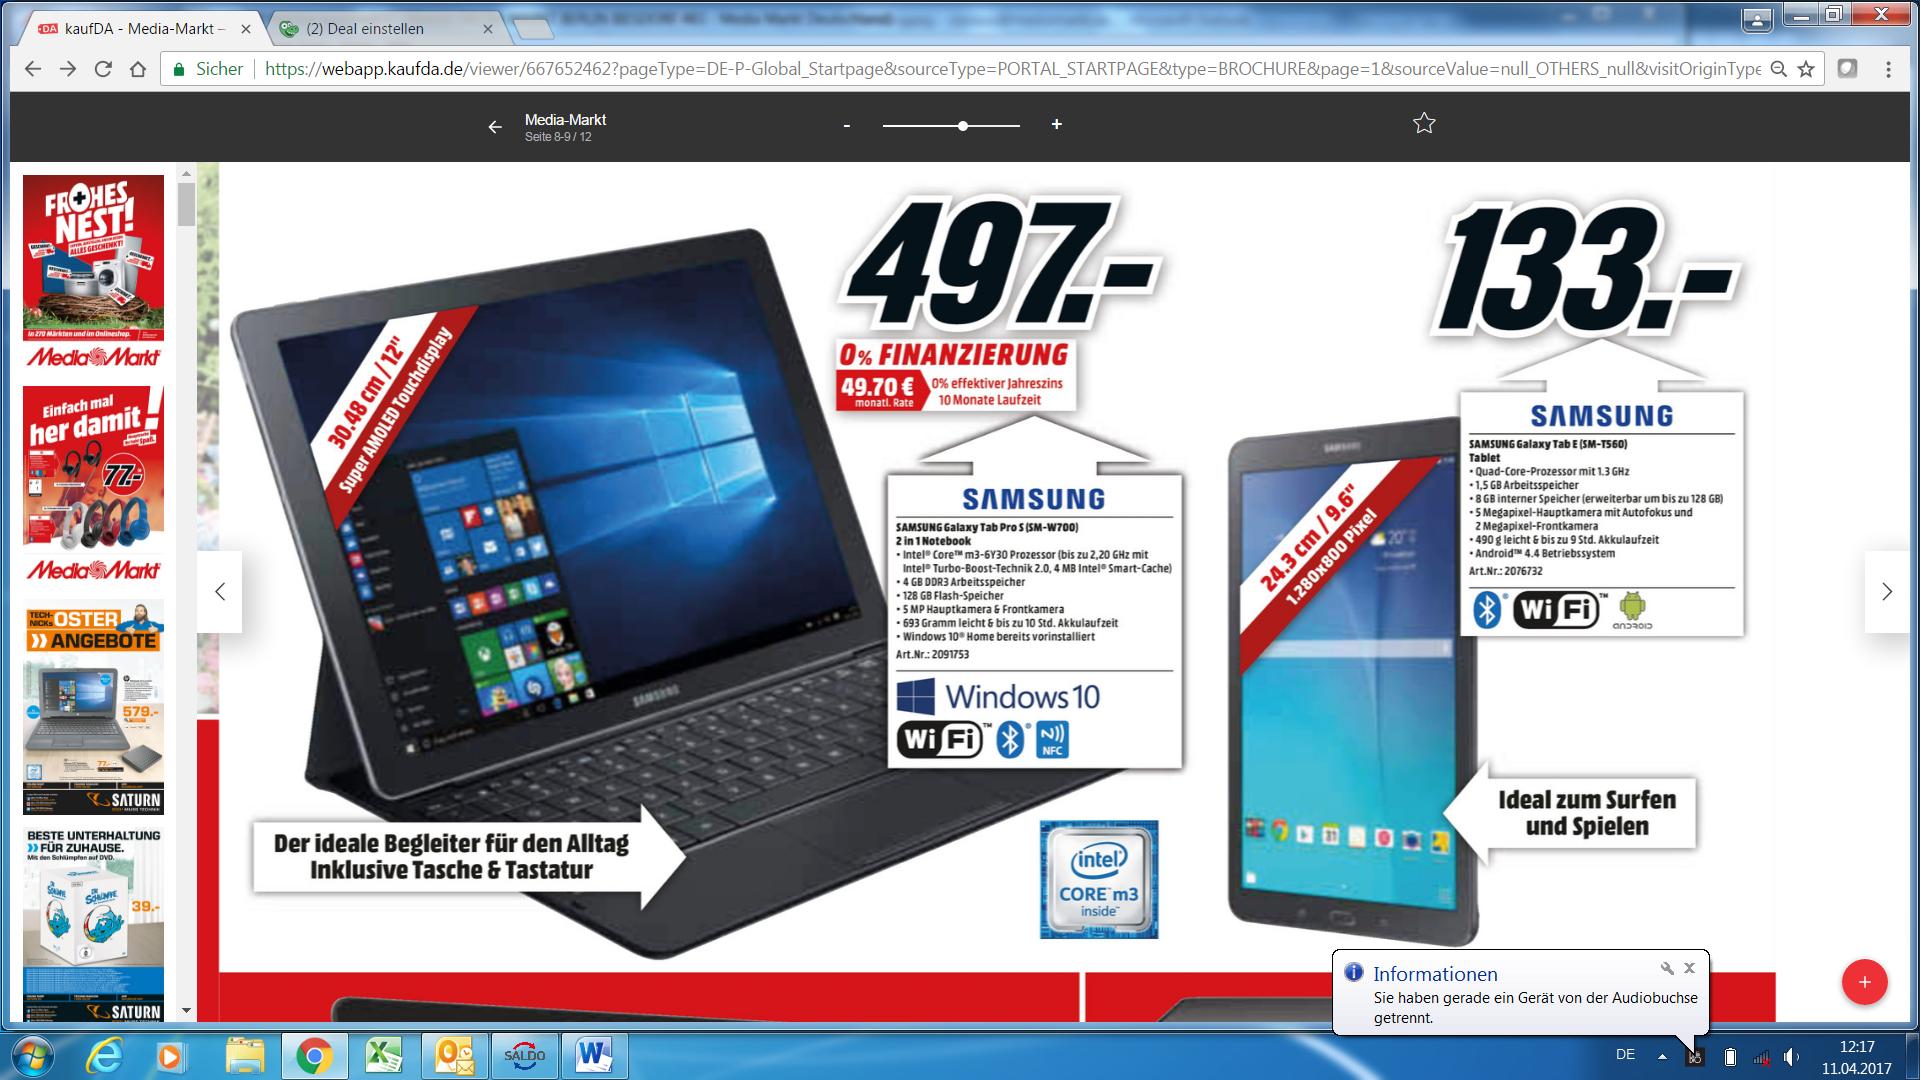 Samsung TabPro S (S-MW700) nur in den Media Märkten in Berlin & Brandenburg